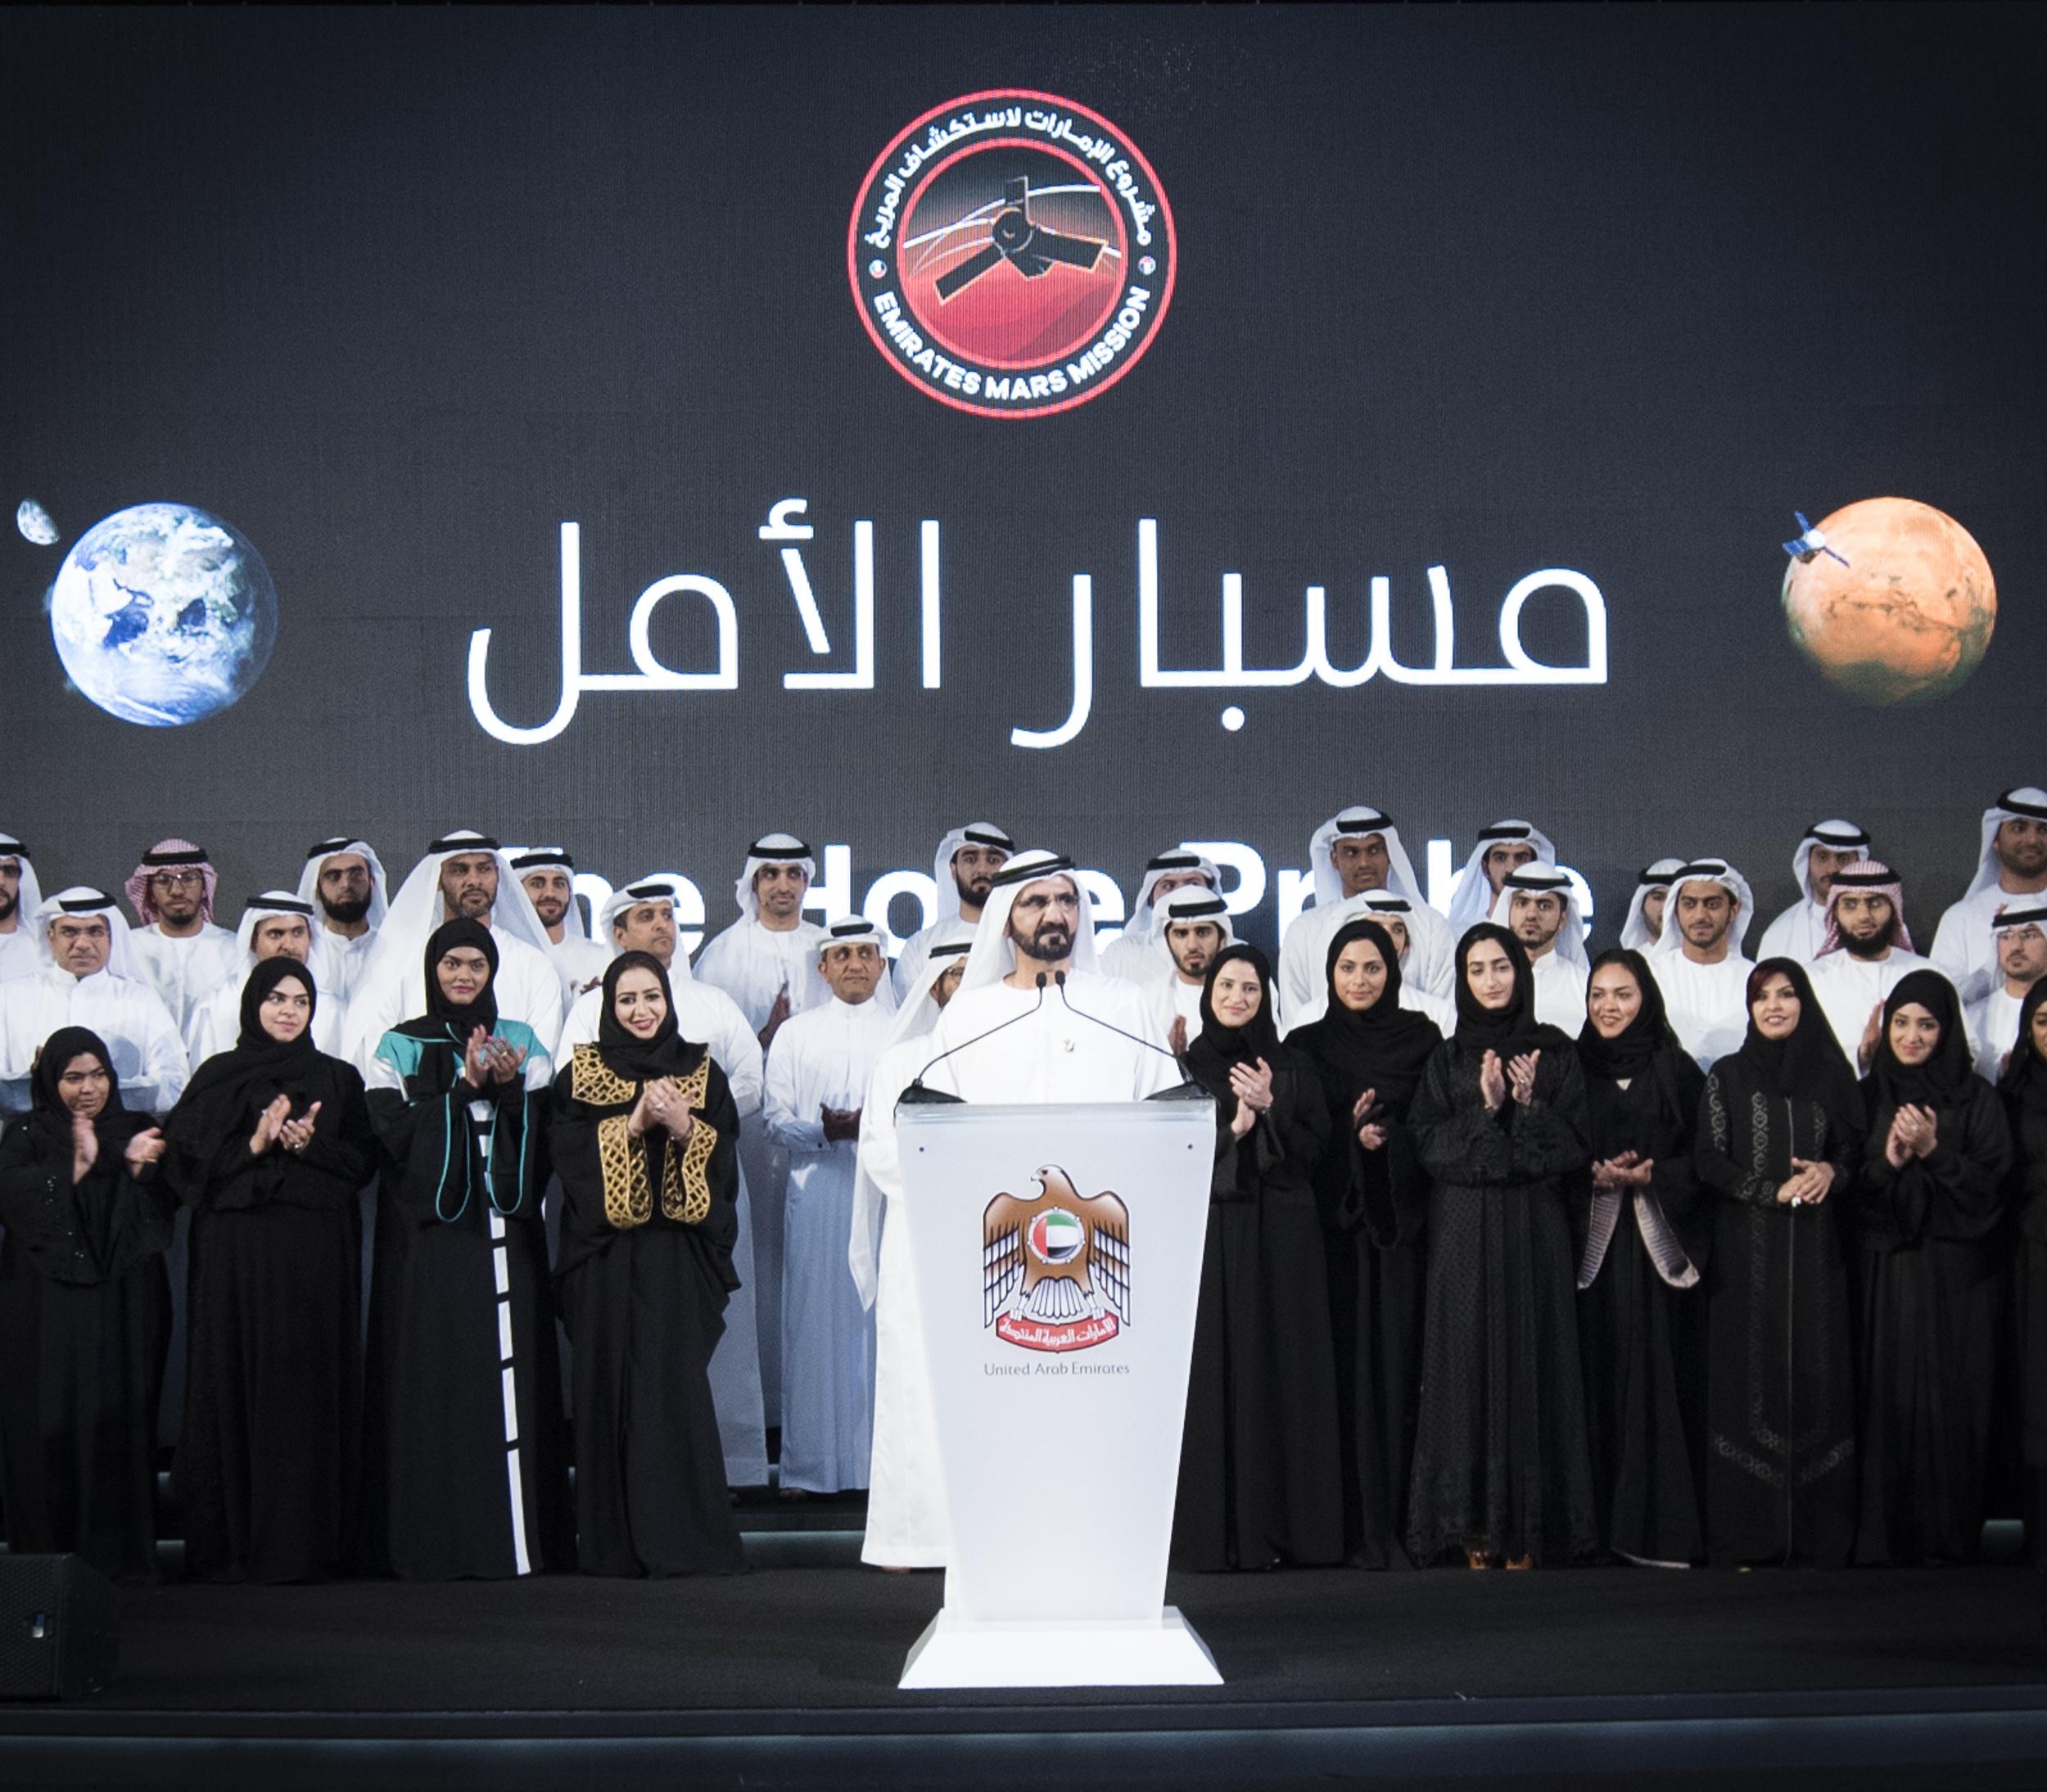 العرب إلى المريخ: نجاح عملية إطلاق مسبار الأمل